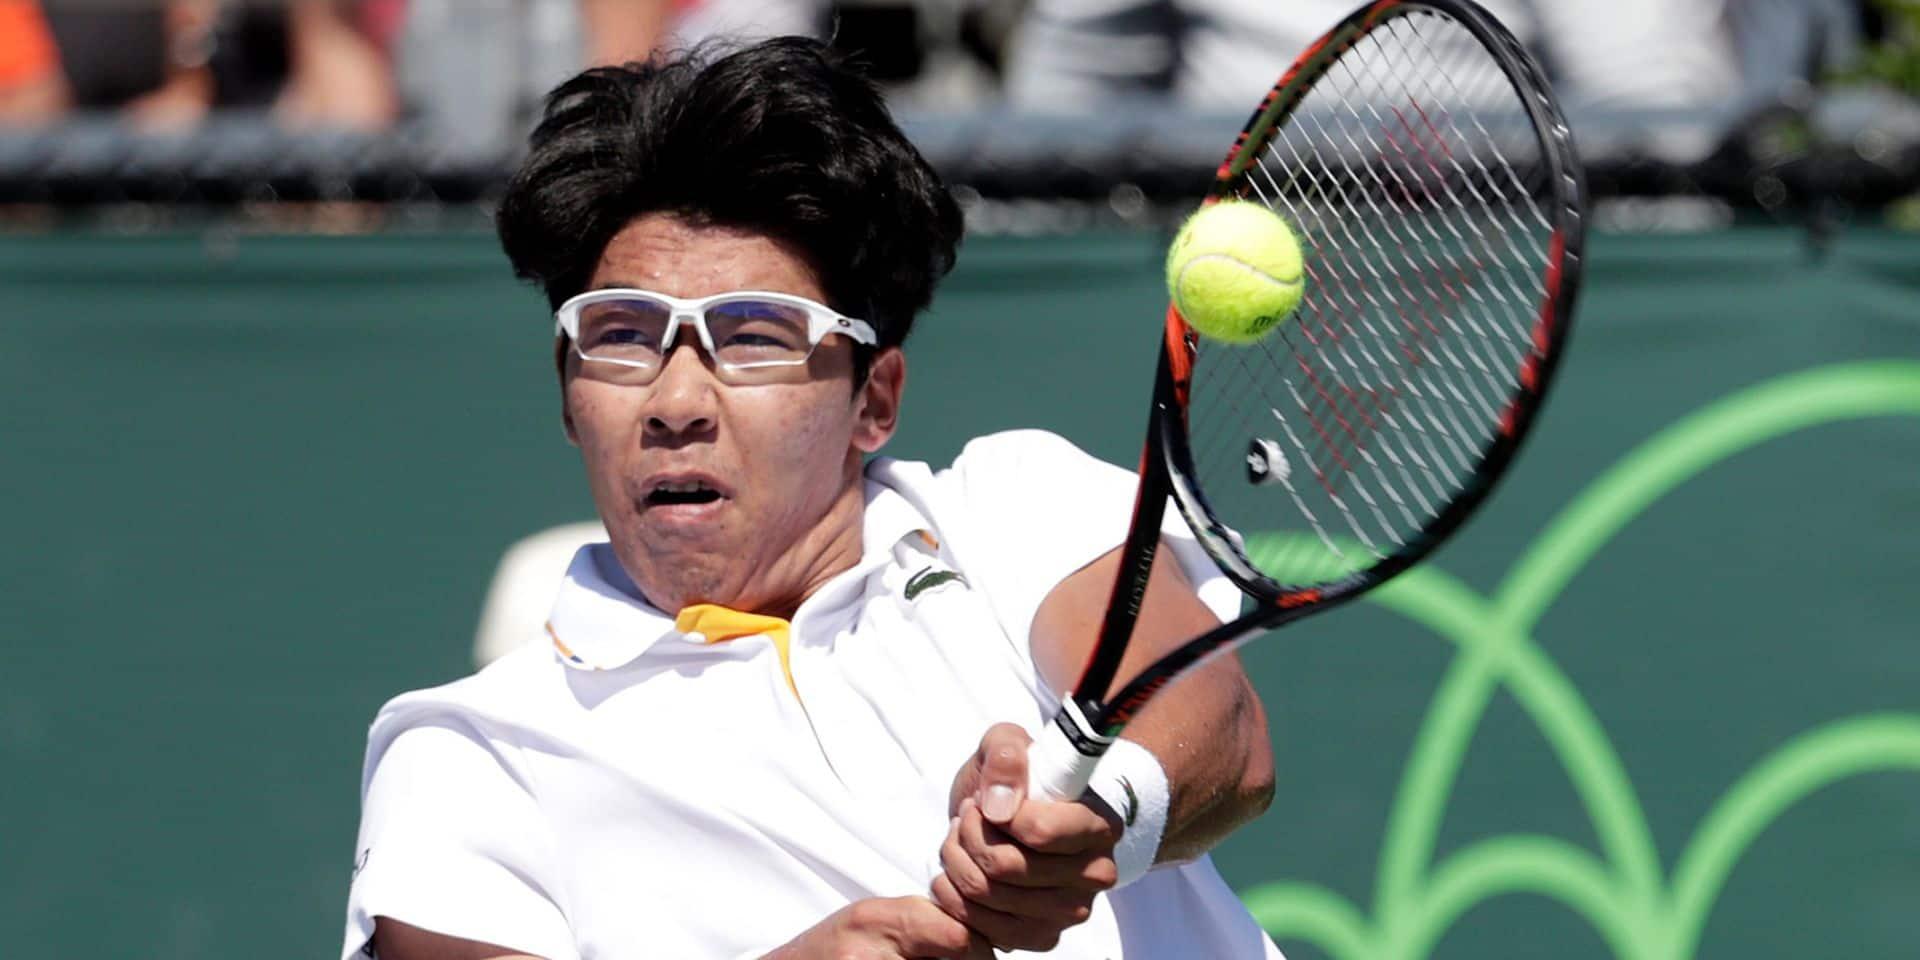 Goffin retrouve un jeune talent fragile en quart à Tokyo